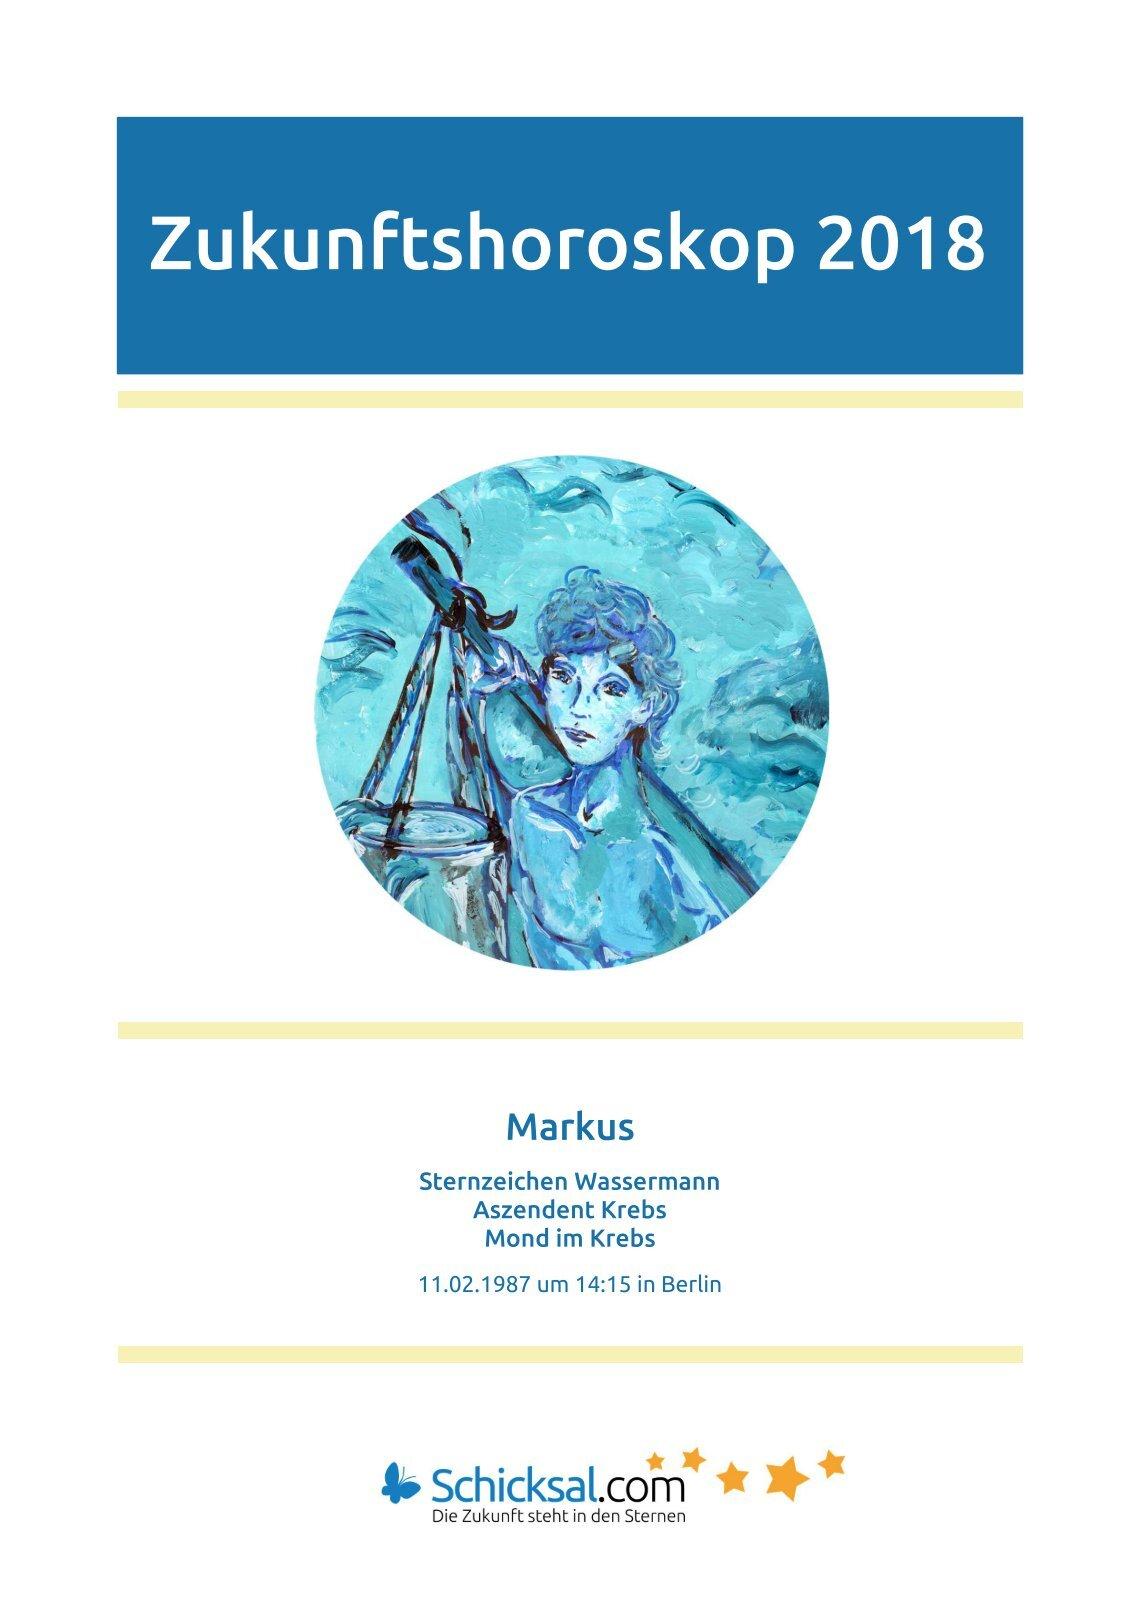 Wassermann Zukunftshoroskop 2018